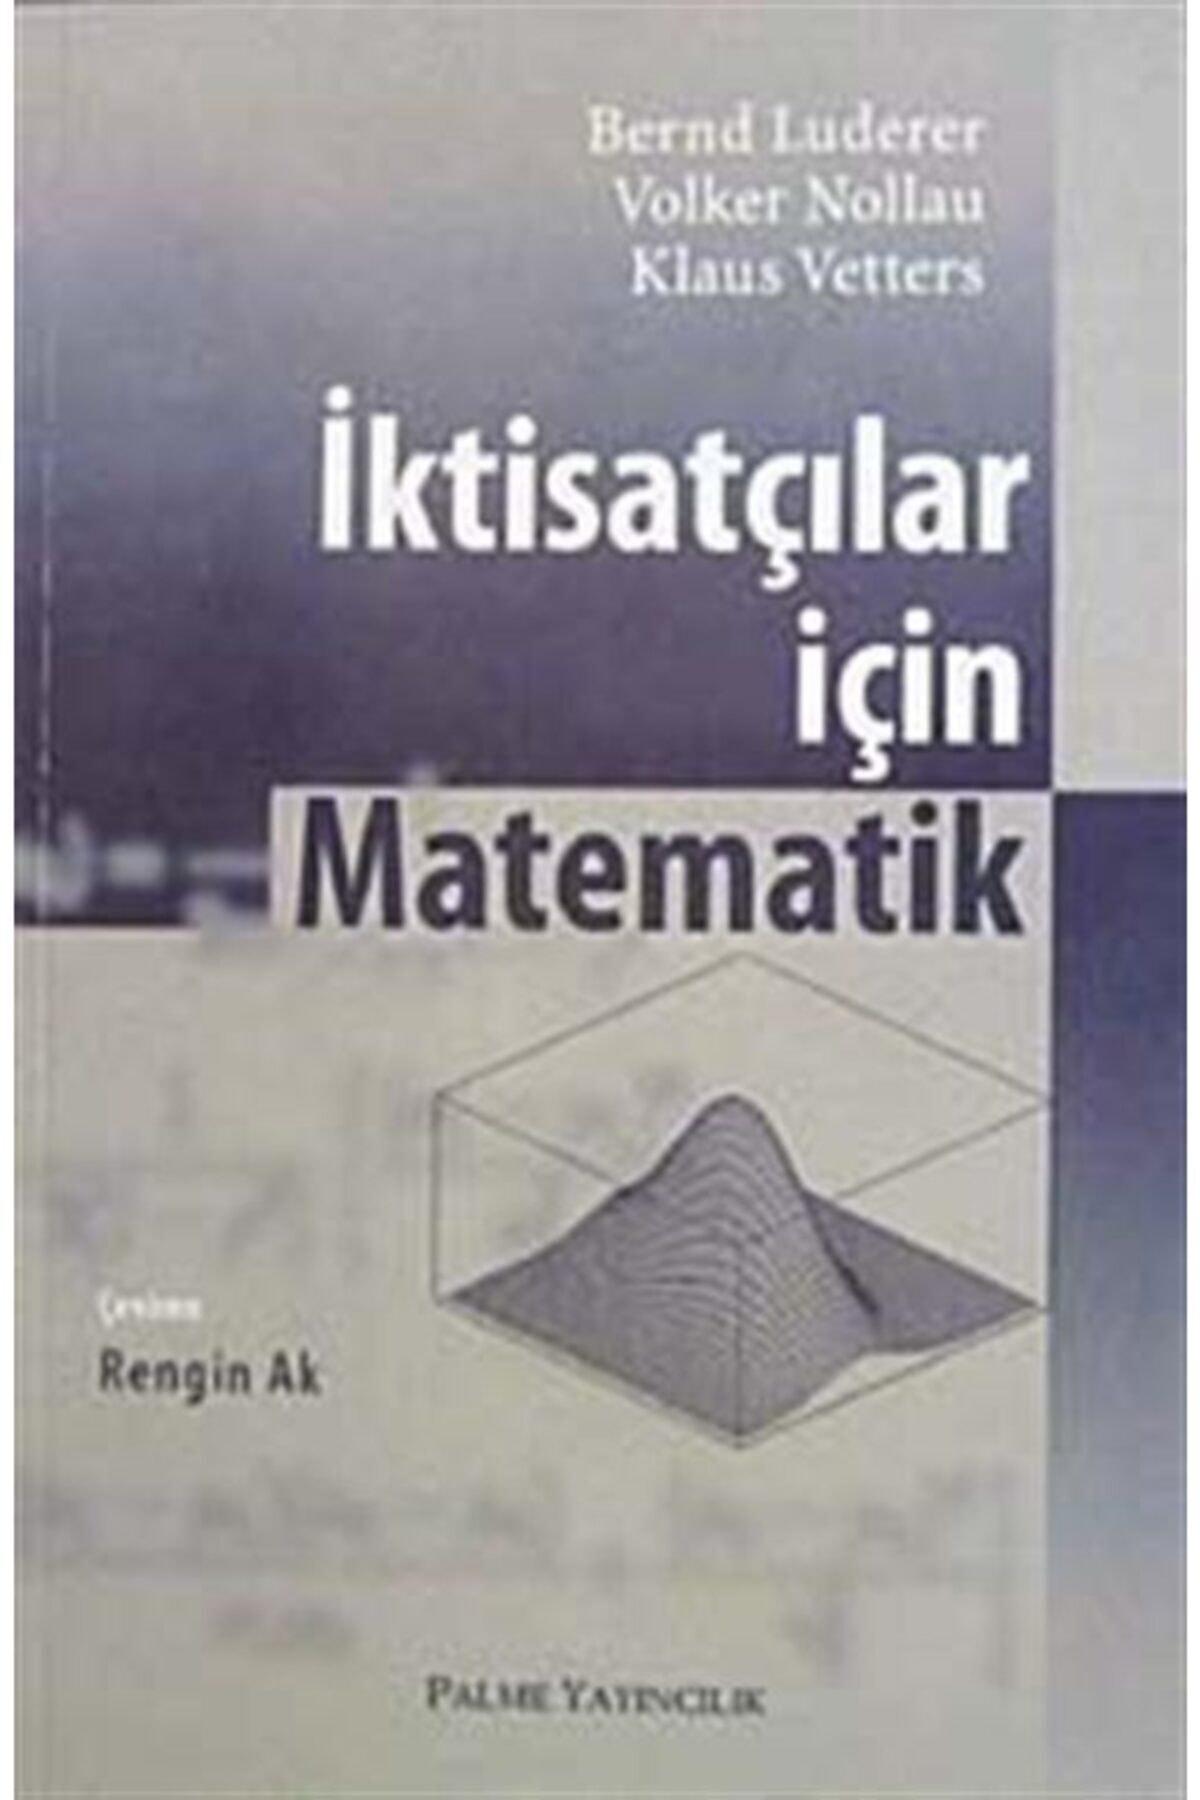 Palme Yayınevi Iktisatçılar Için Matematik 1